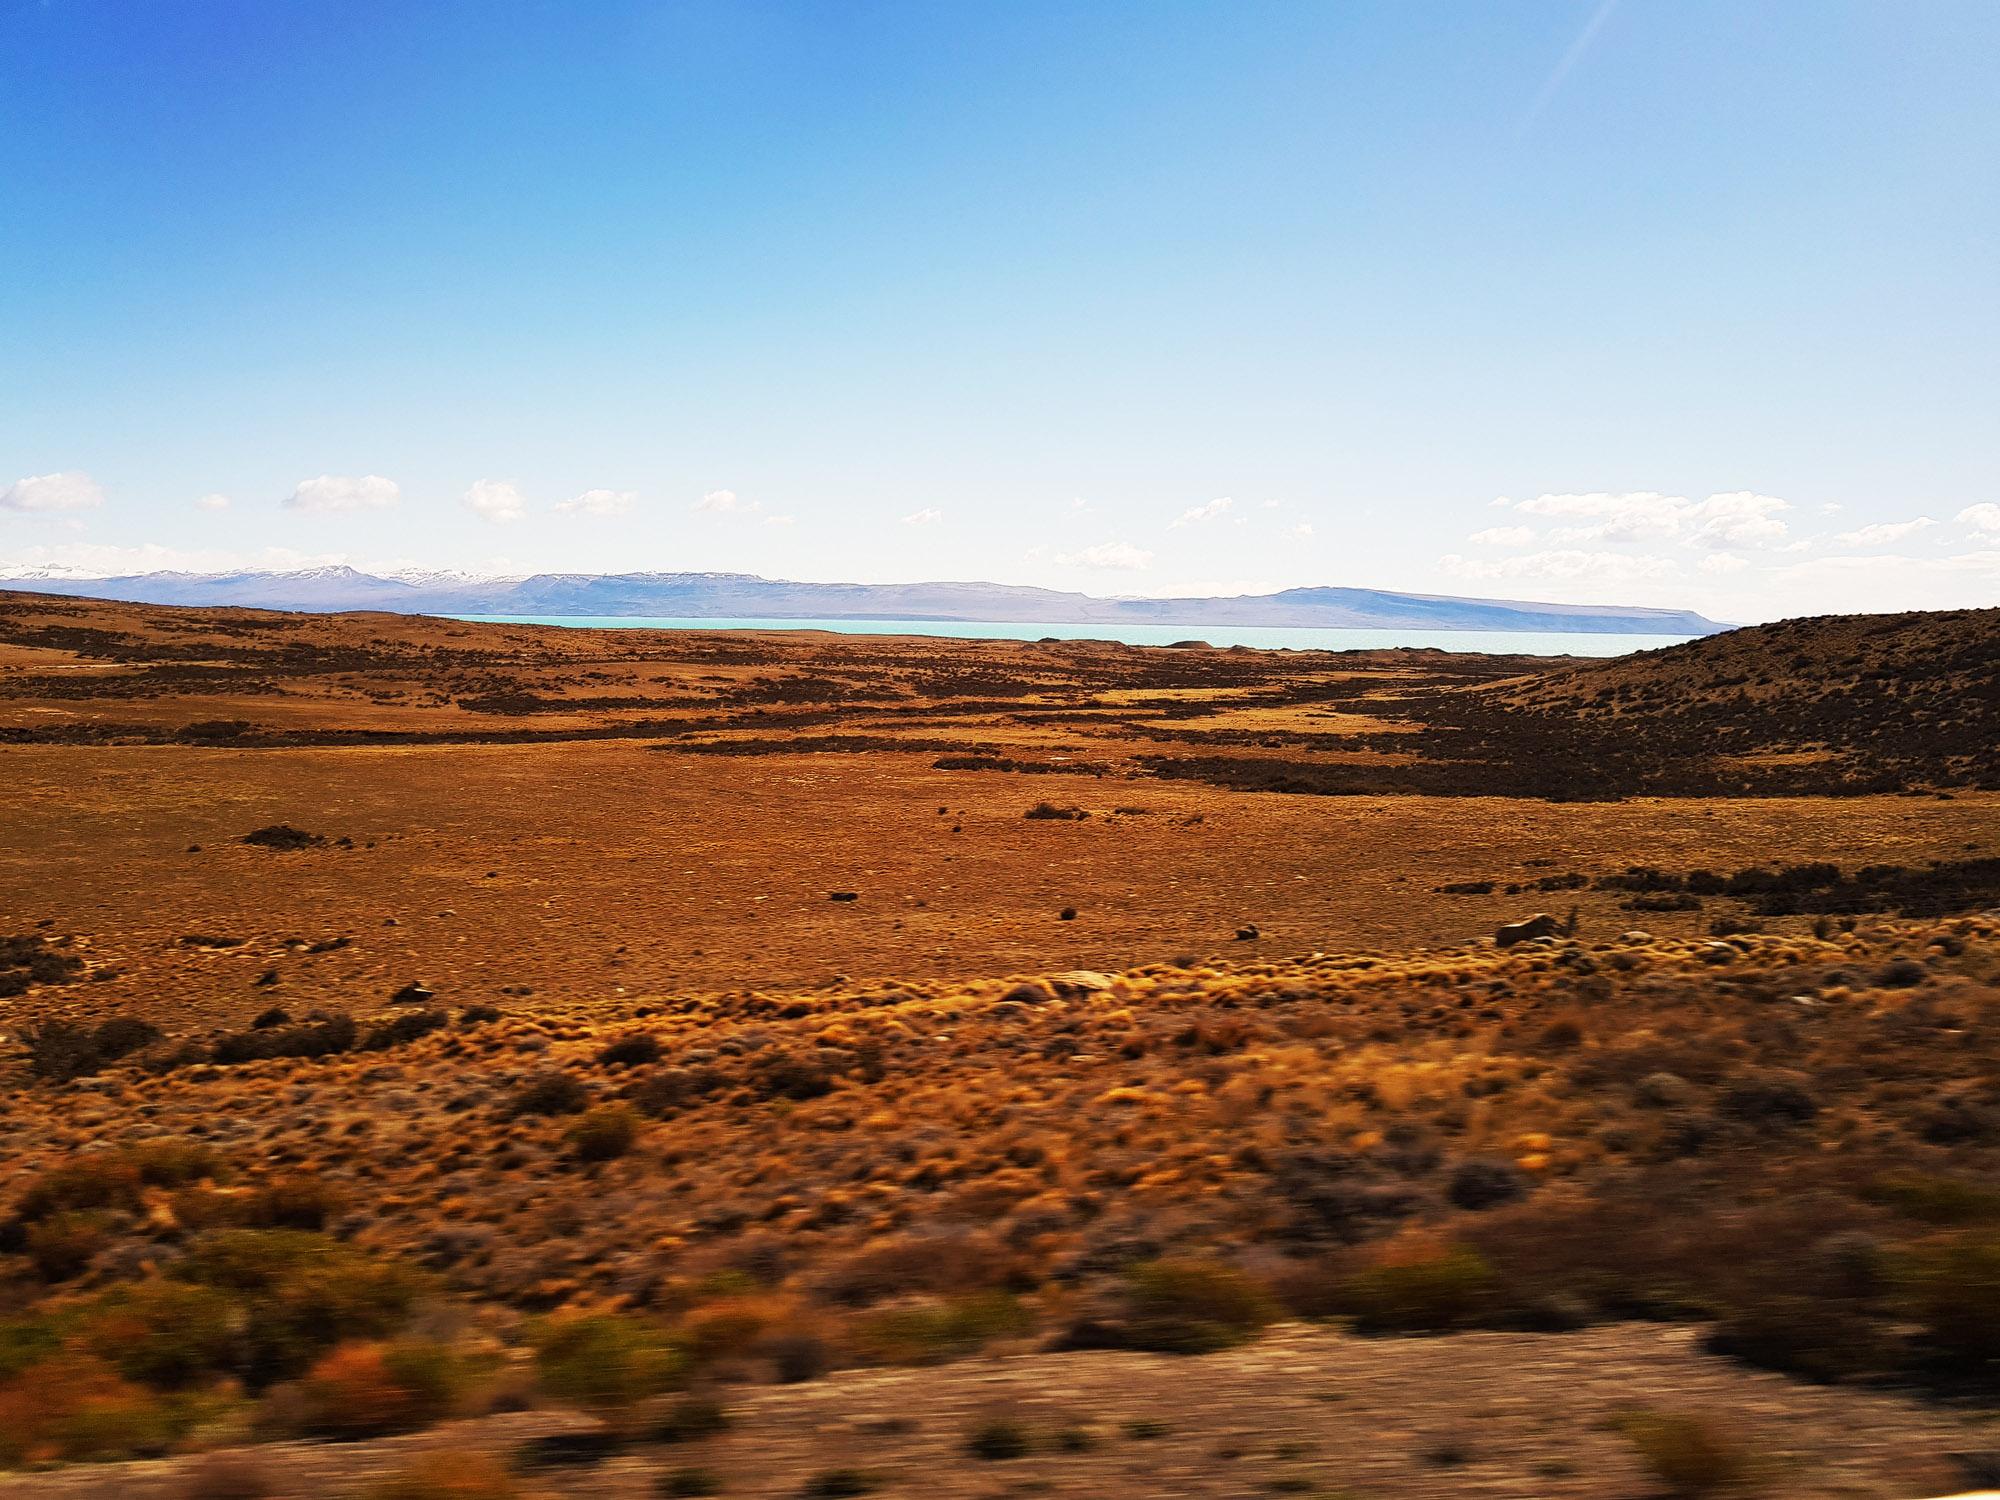 12.30 Uhr: Pampa, aber in der Ferne schon Wasser und Berge